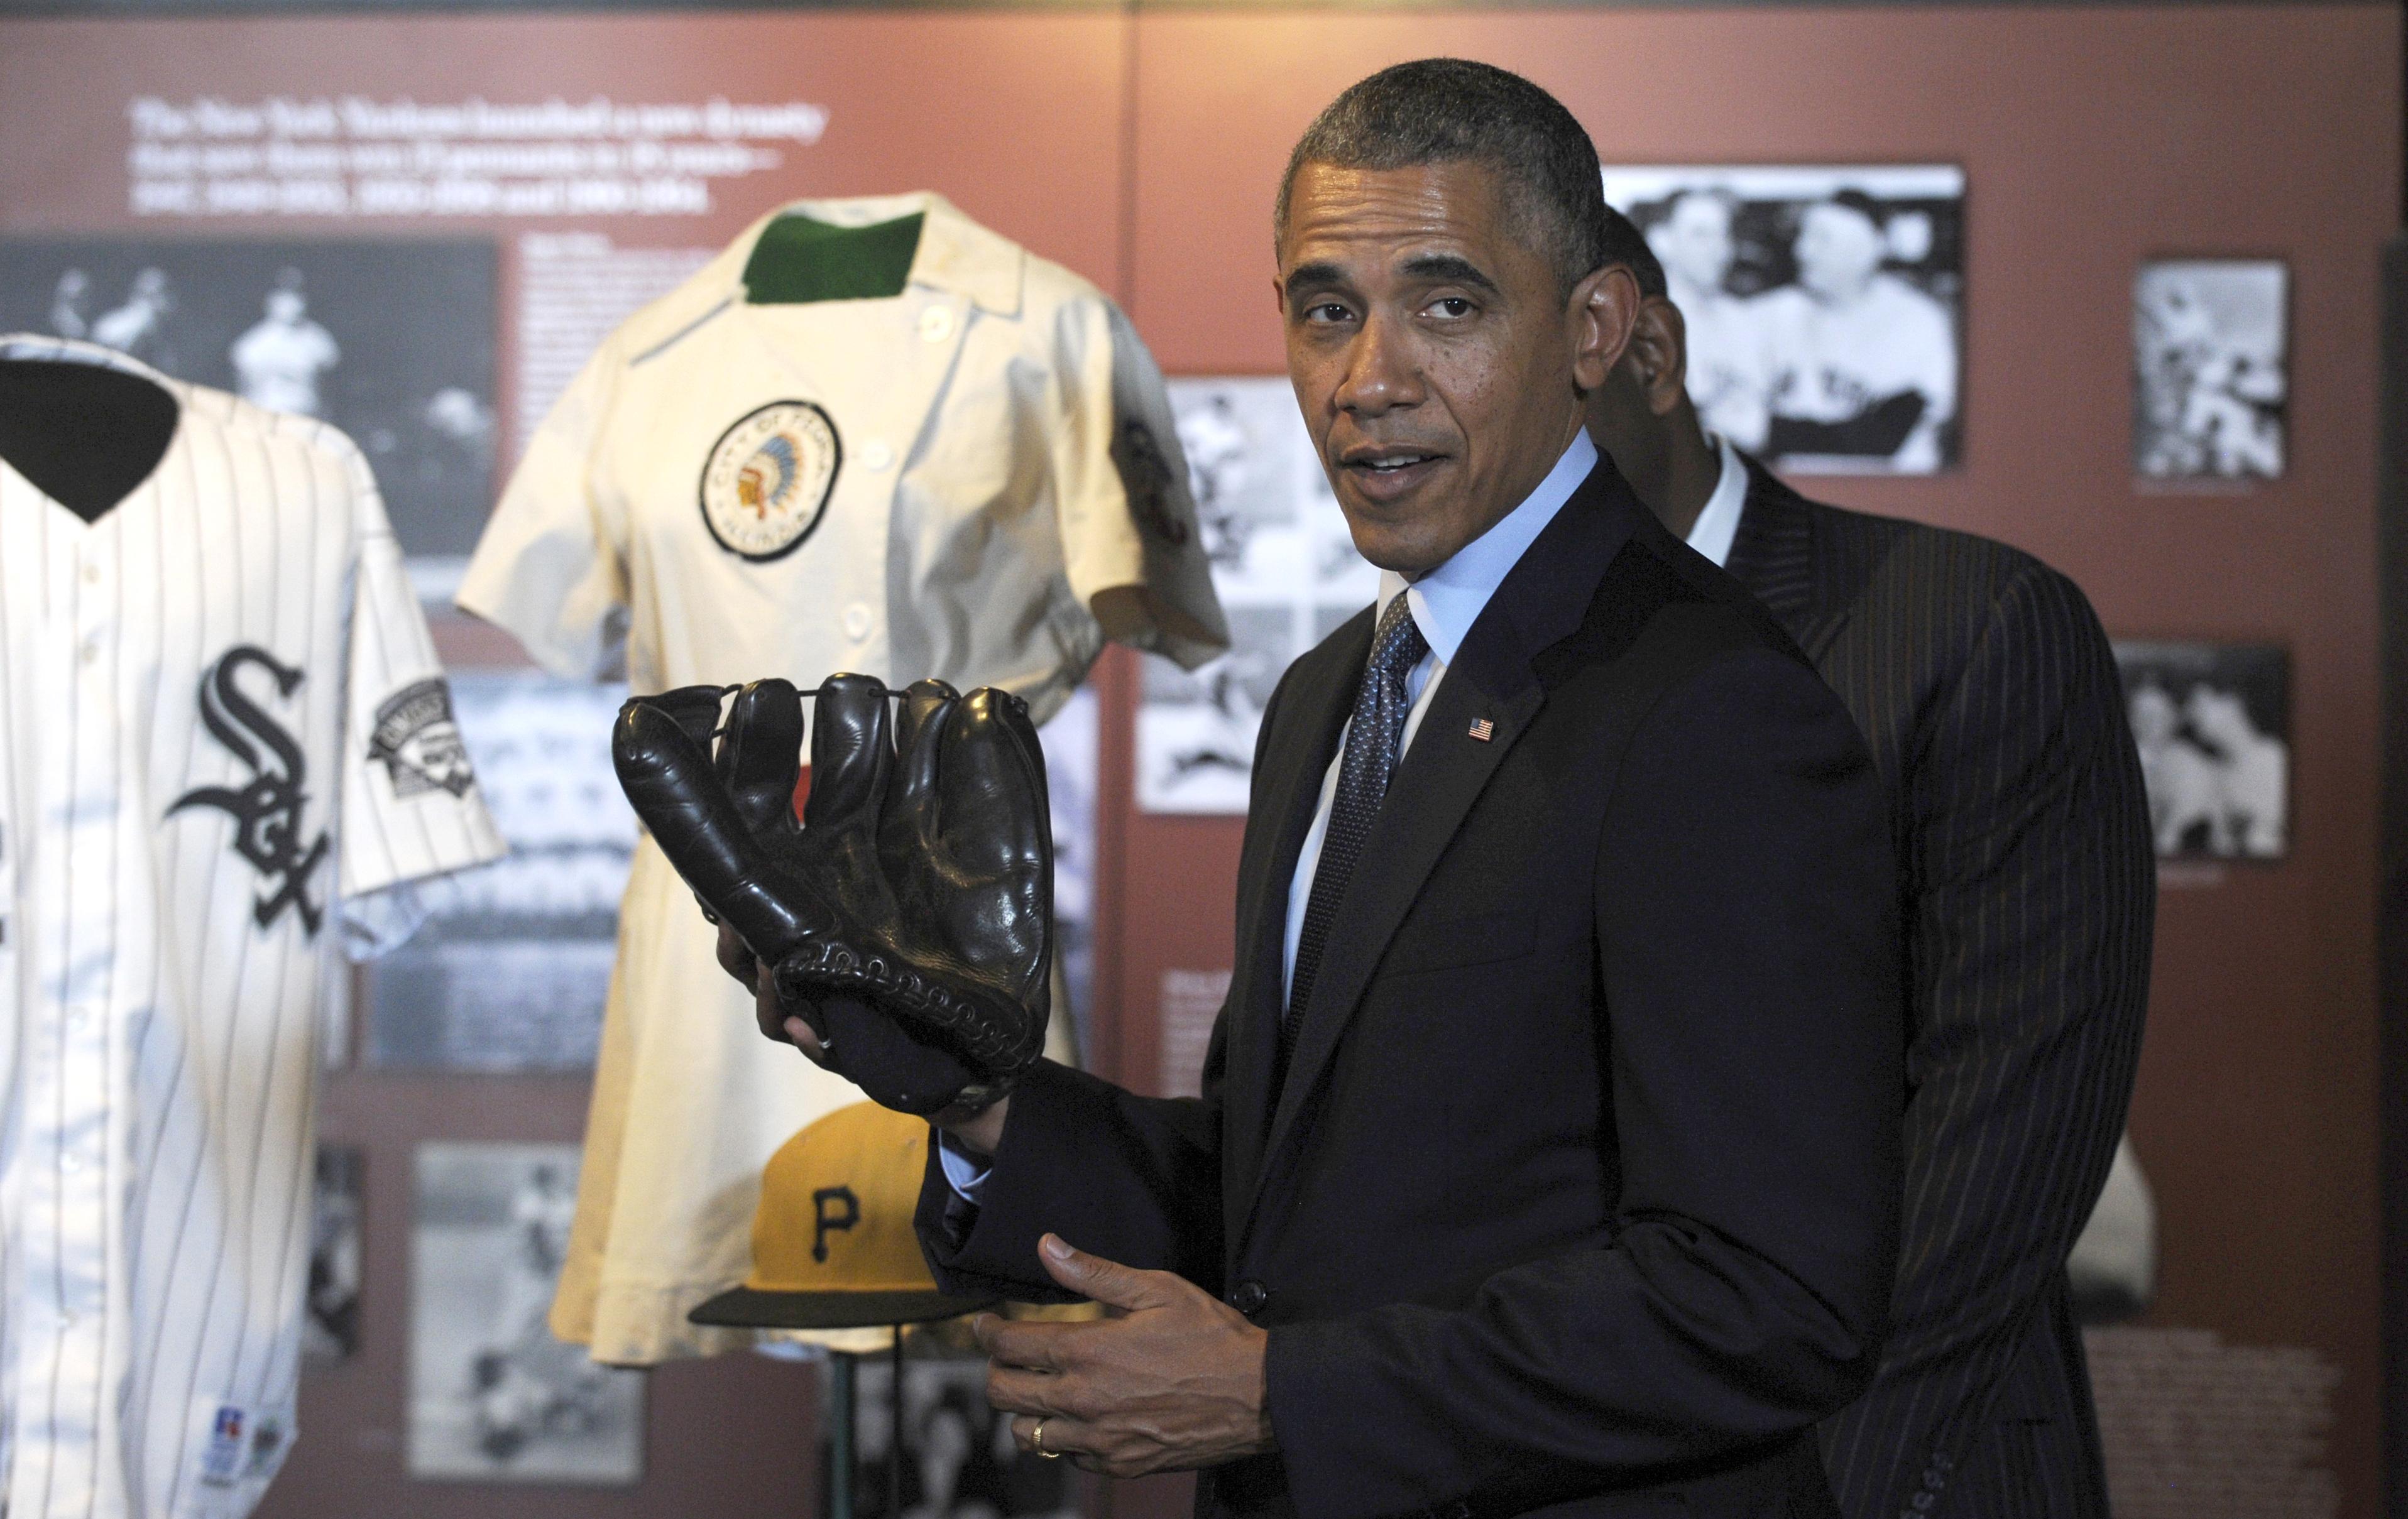 DiMaggio's Glove